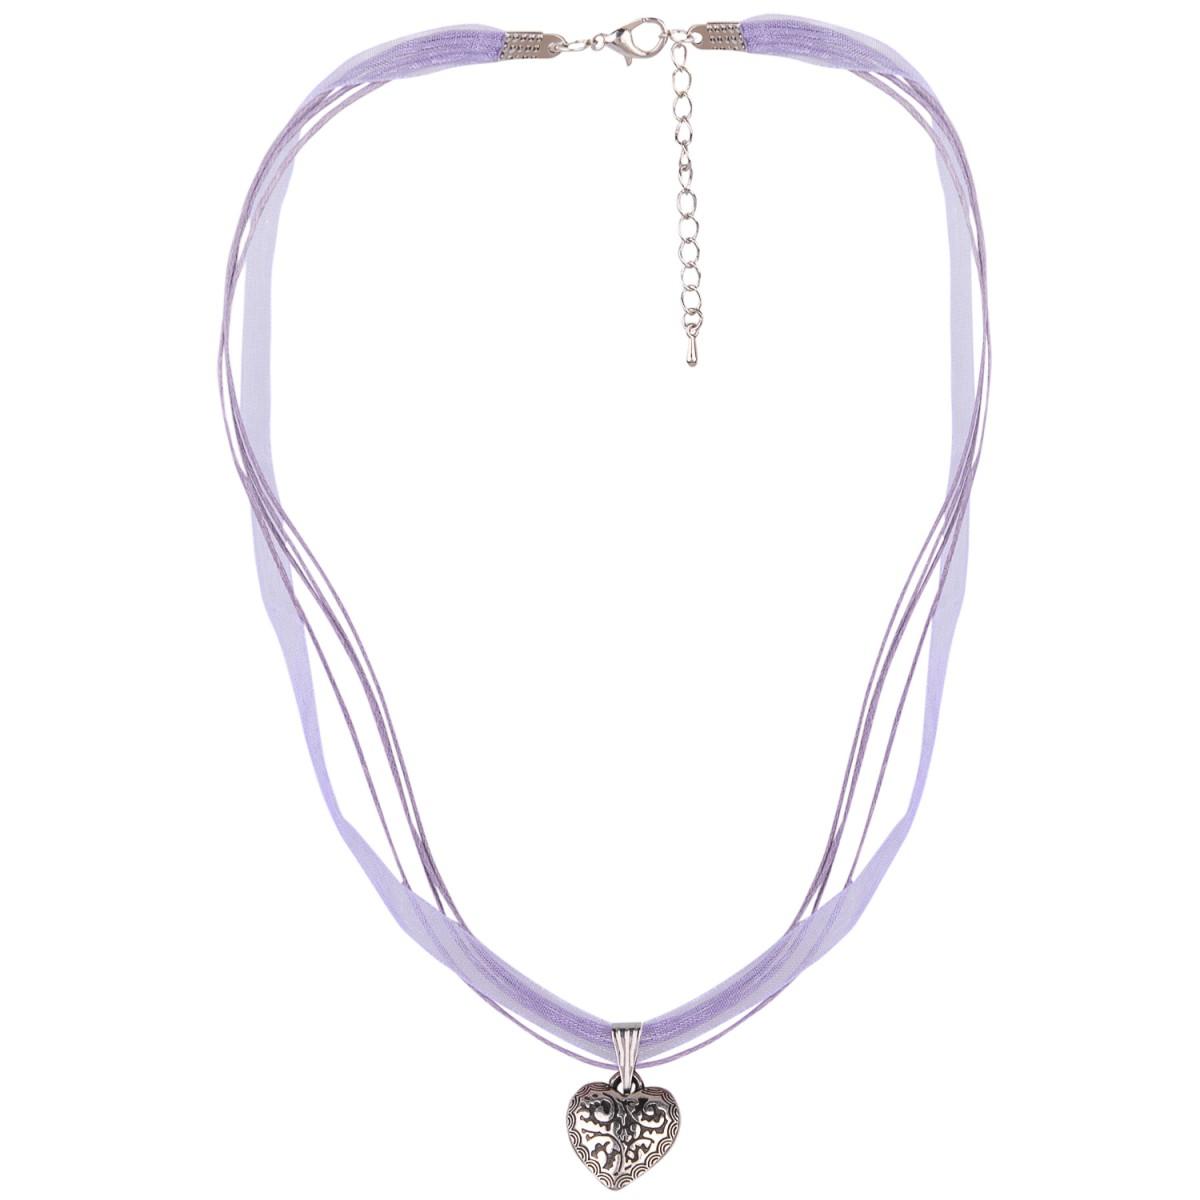 Halskette mit 4 Bändern und Herzanhänger in Lila von Schlick Accessoires günstig online kaufen